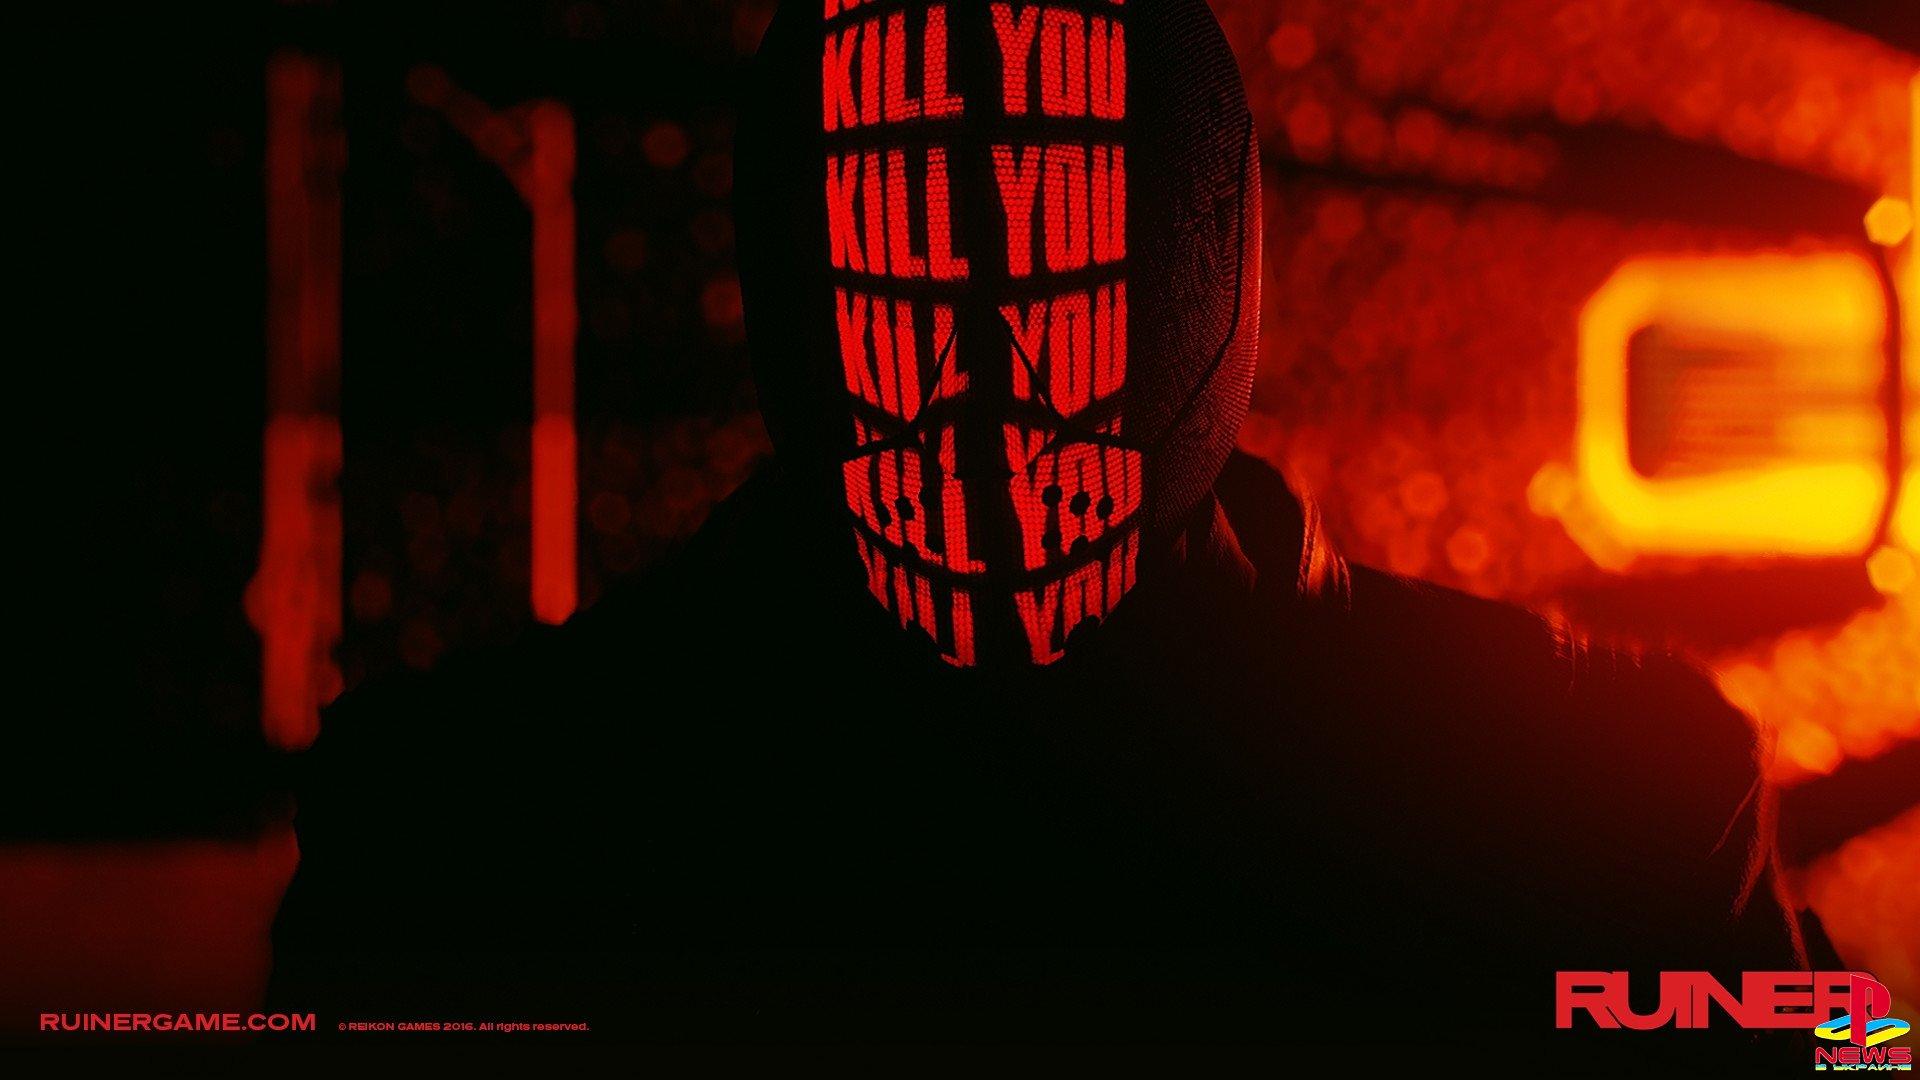 Боевик в стиле киберпанк Ruiner поступит в продажу 26 сентября, новый трейлер